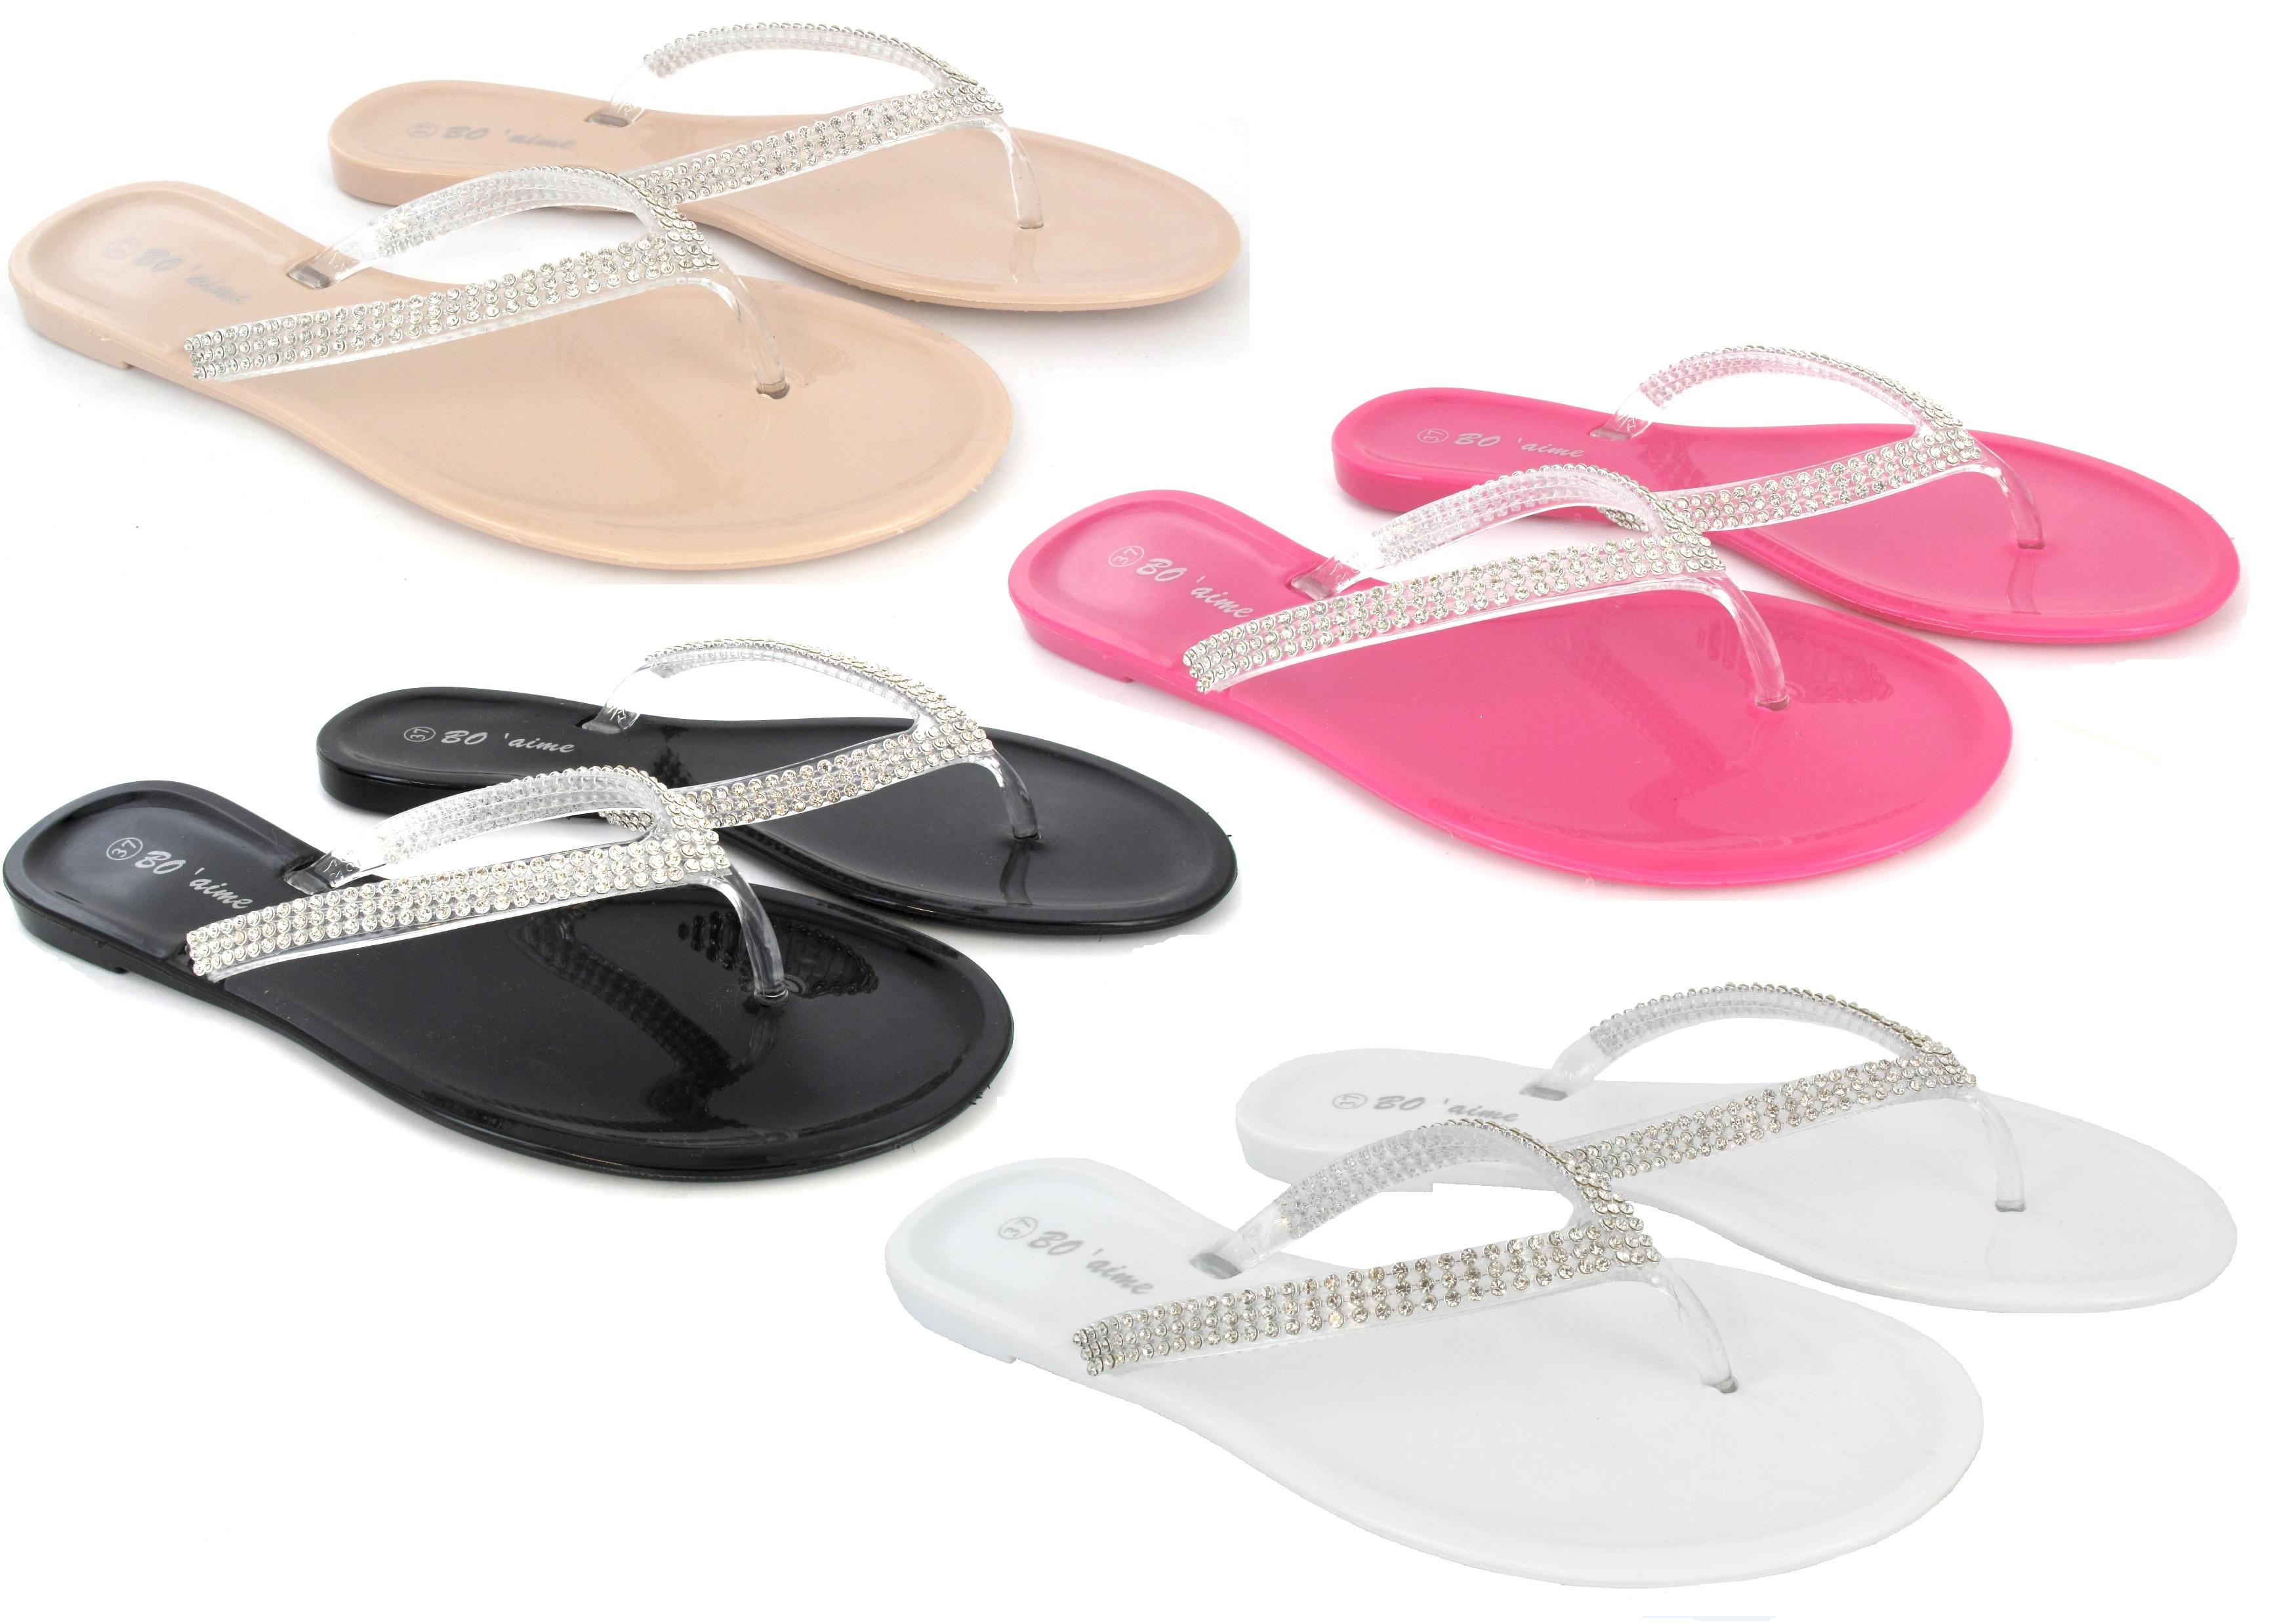 flip flops damen strass gel sommer flach strand sandalen ebay. Black Bedroom Furniture Sets. Home Design Ideas